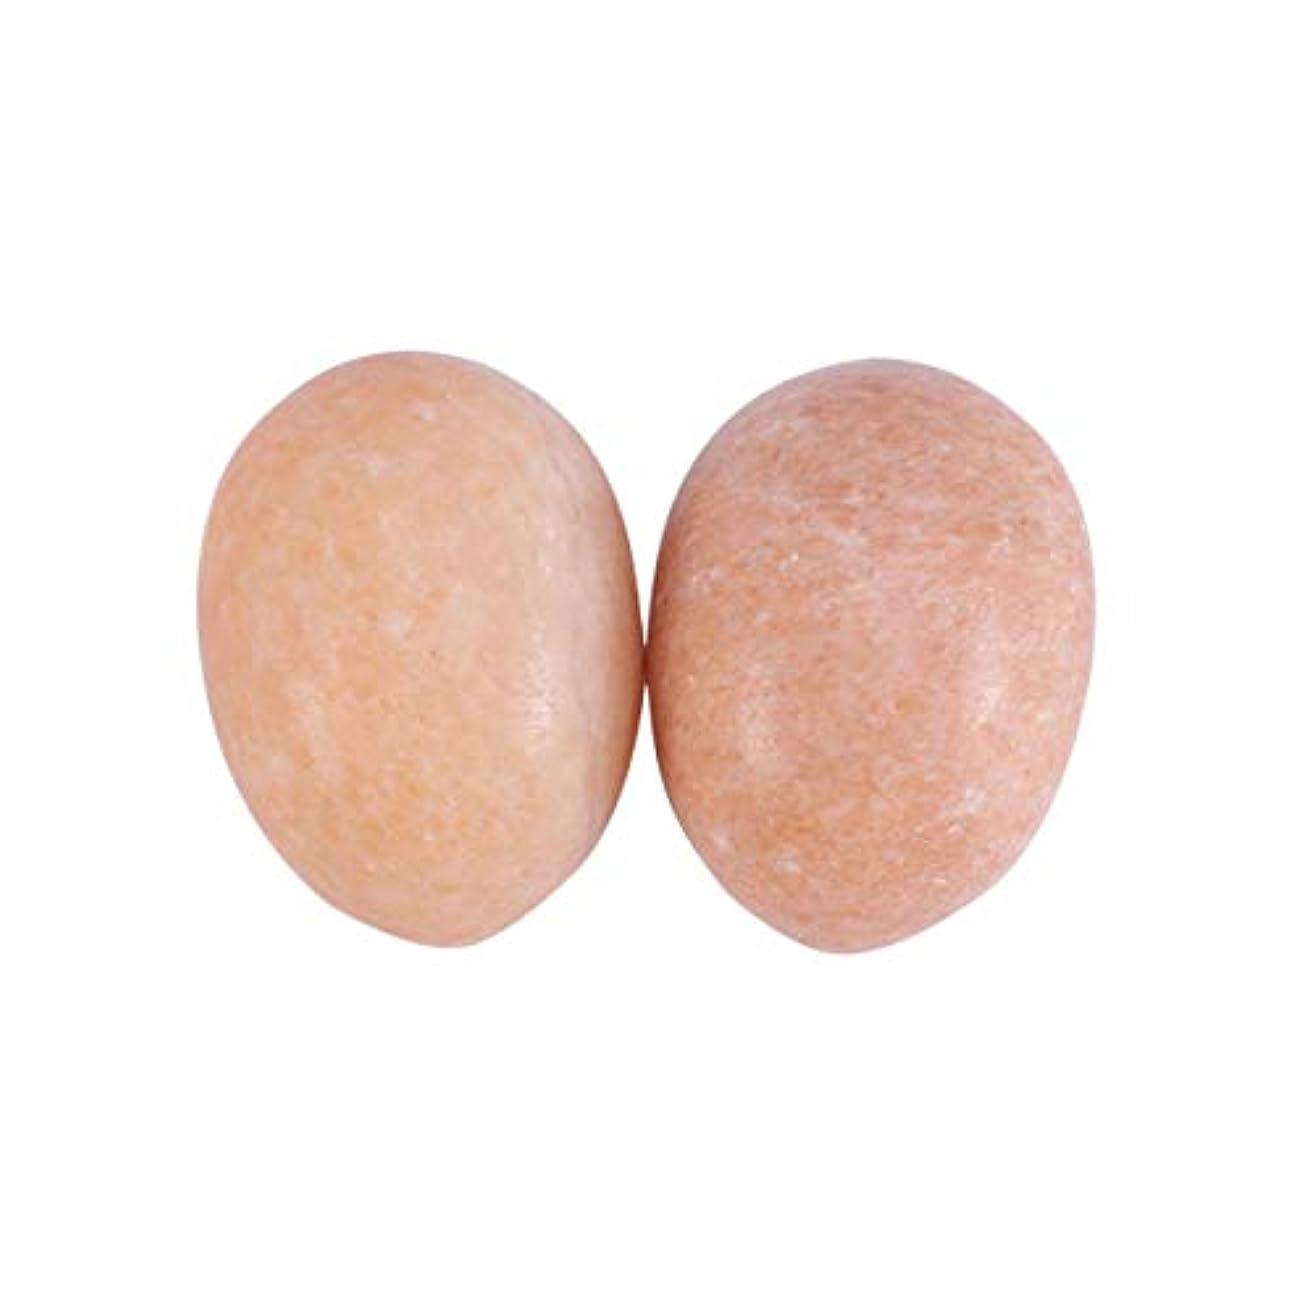 絶縁する曲げる腹SUPVOX 6個ネフライト玉ヨードエッグ玉ヨードマッサージストーンチャクラ骨盤筋肉の癒しの卵マッサージケゲル運動(夕焼けの赤卵)